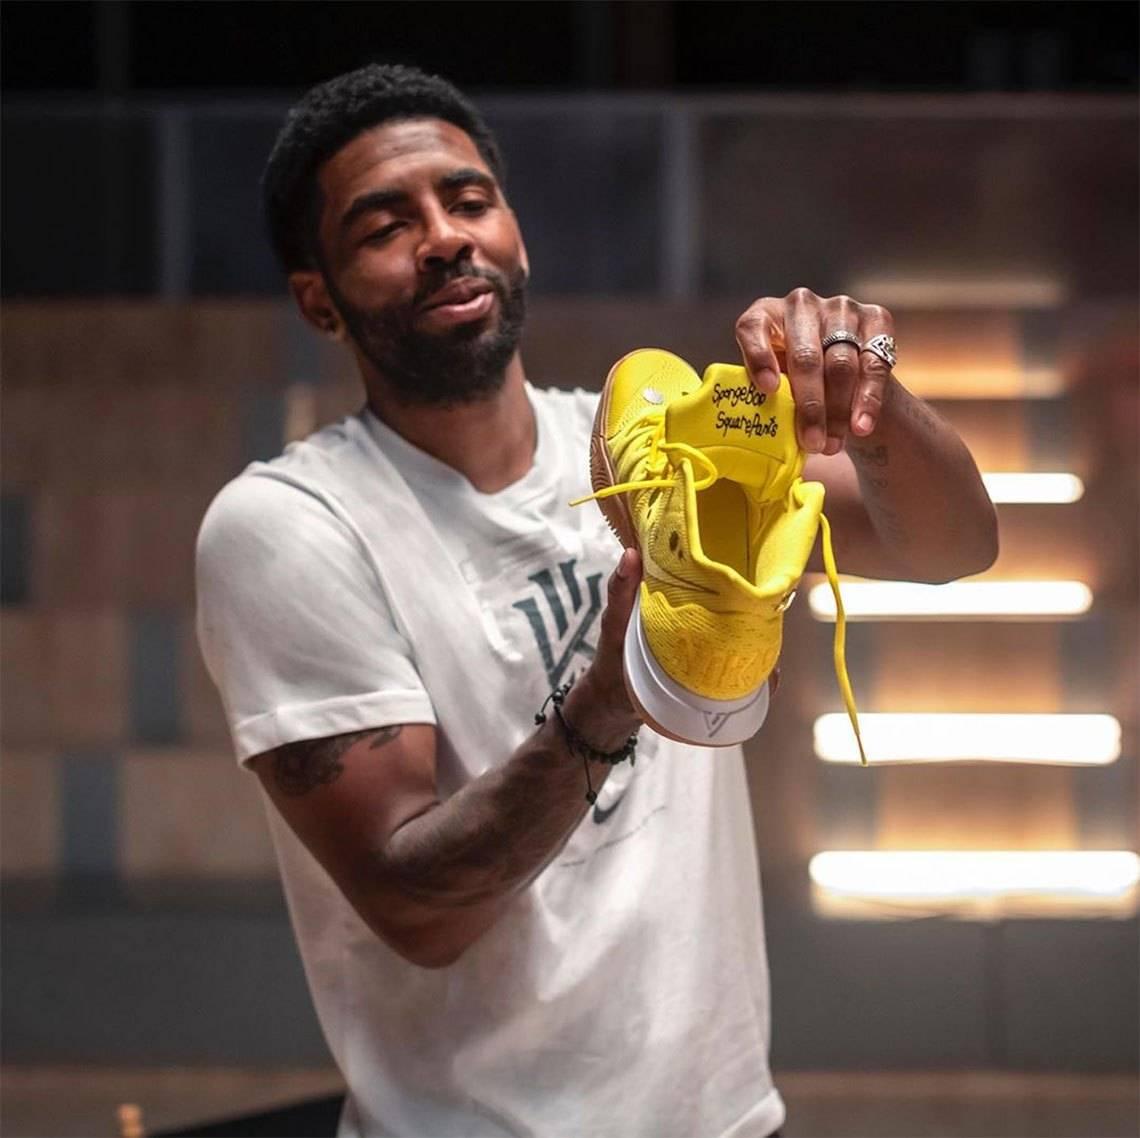 Nike va a lanzar una colección de tennis basados en Bob